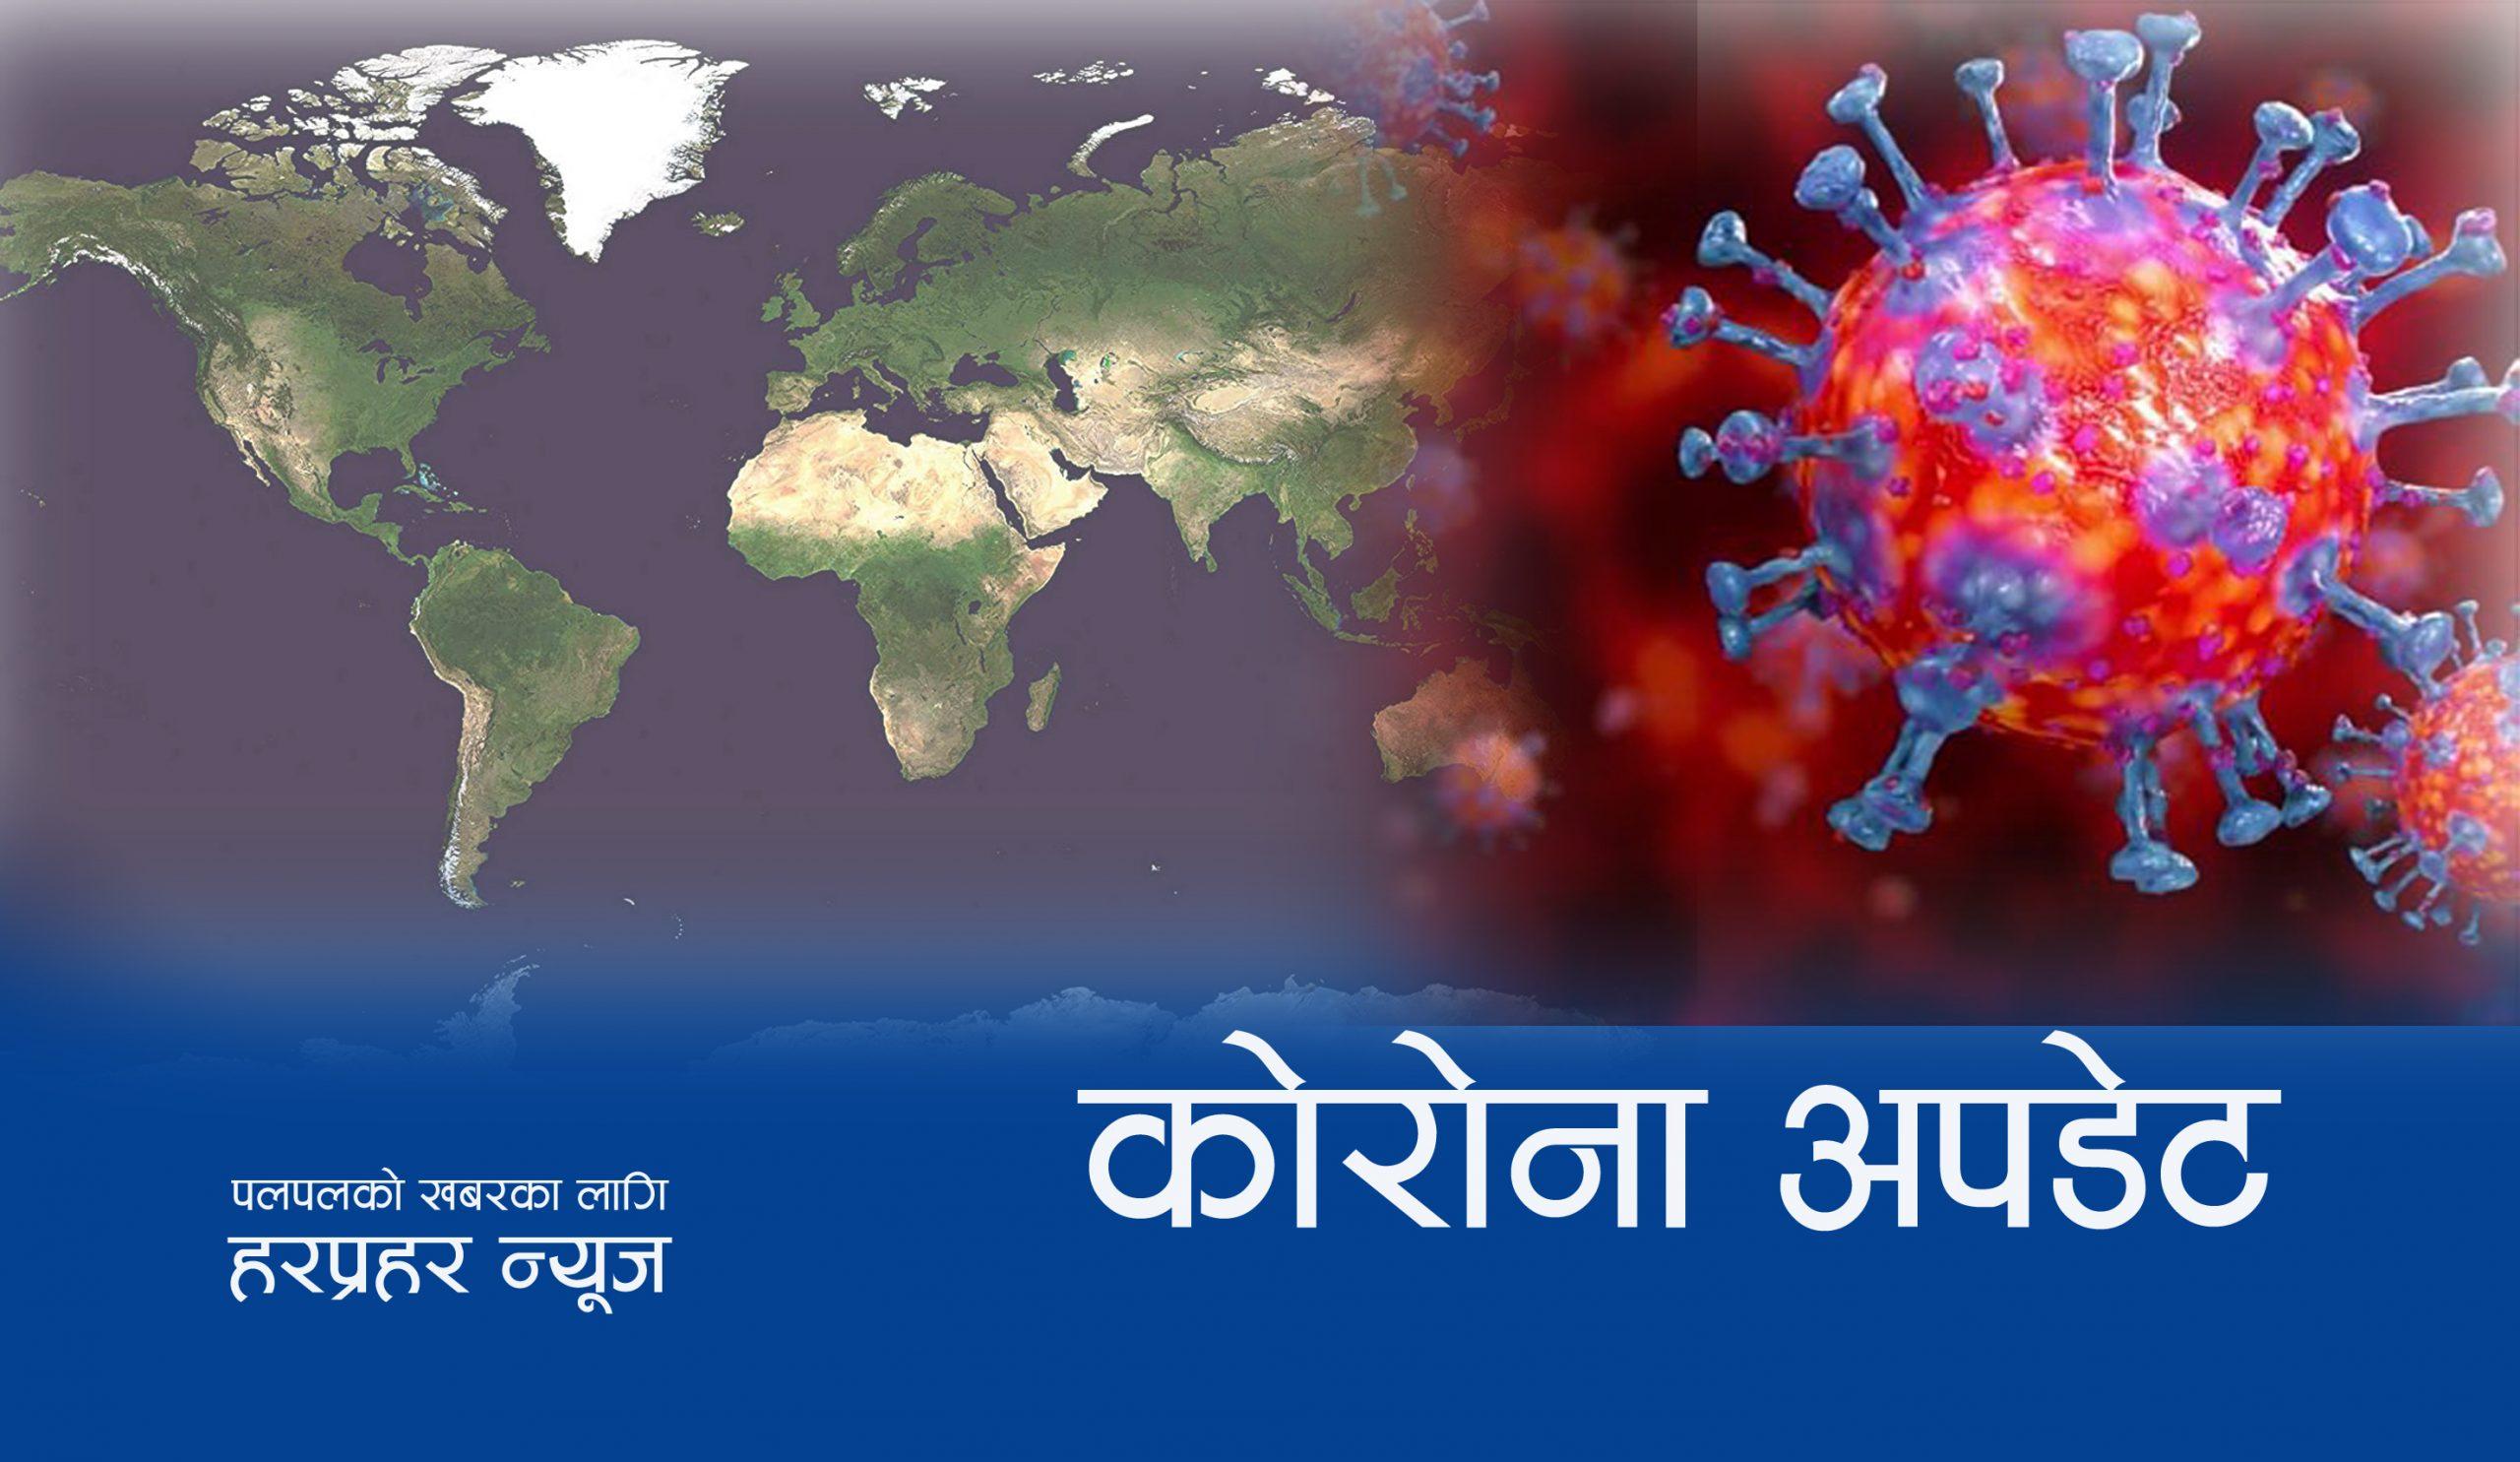 नेपालमा शुक्रवार थप एक हजार ७०३ जनामा कोरोना पुष्टि,२३ जनाको मृत्यु